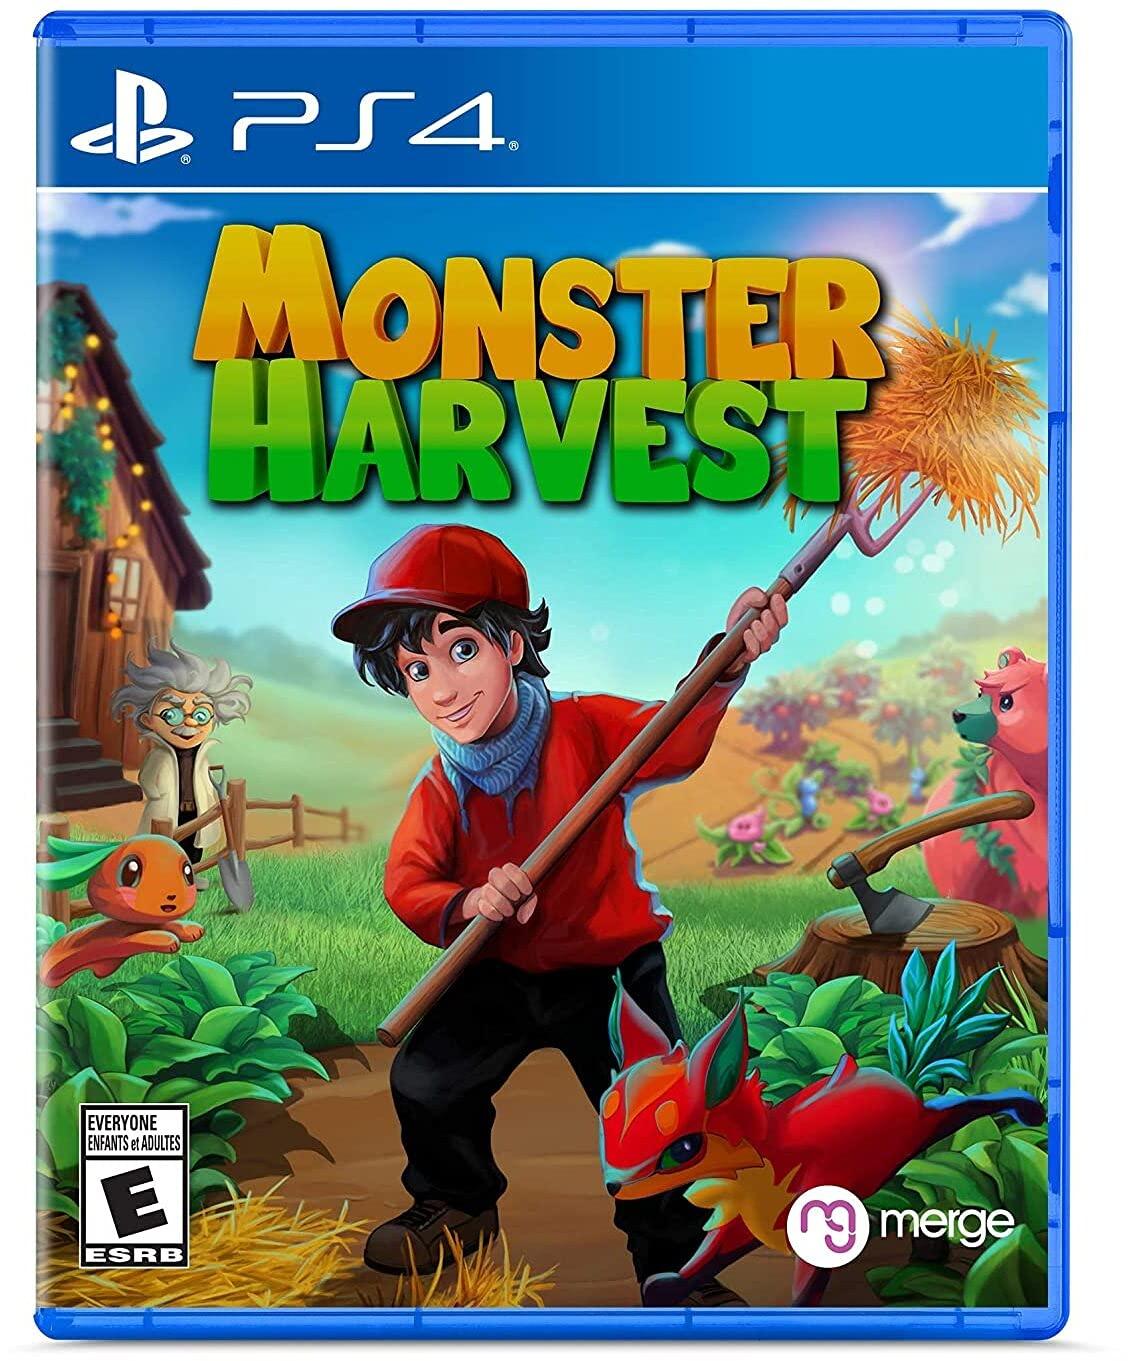 Poster. Monster Harvest